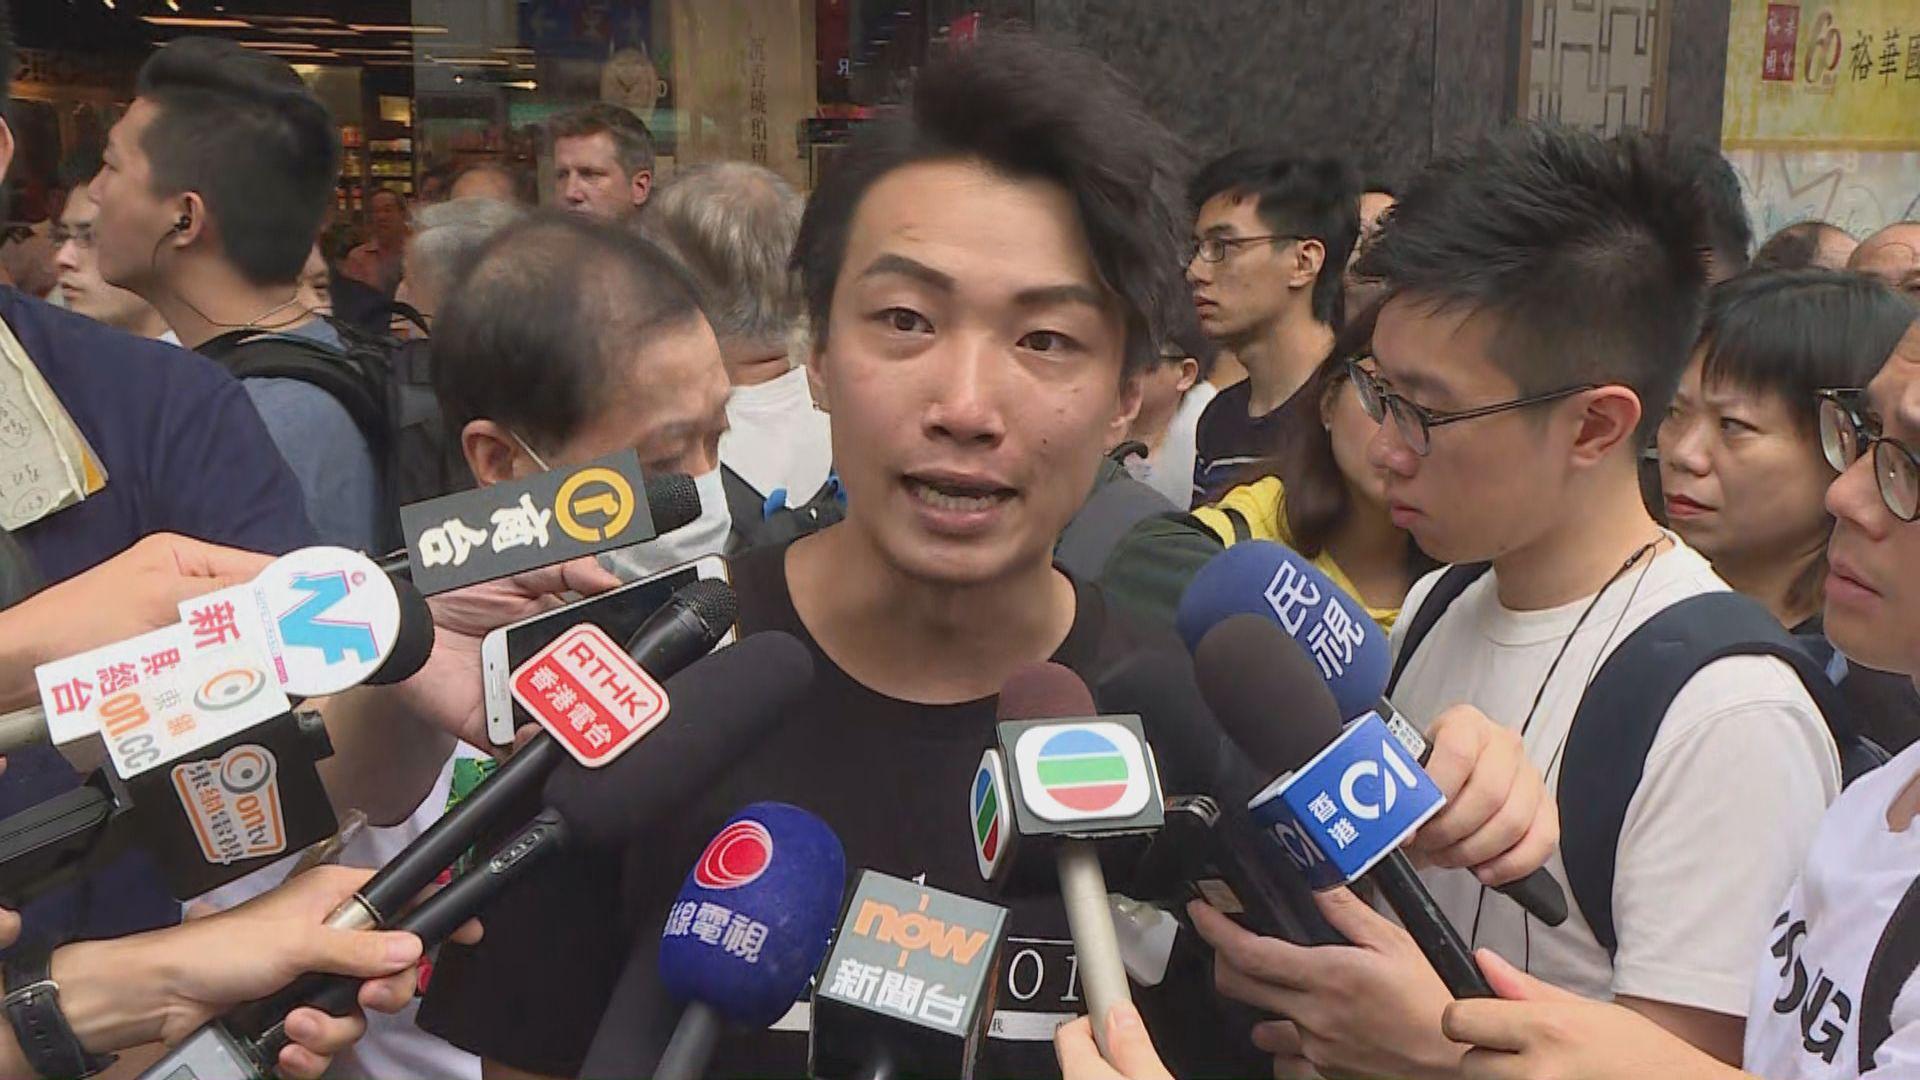 831集會遊行遭反對 民陣:警方變本加厲